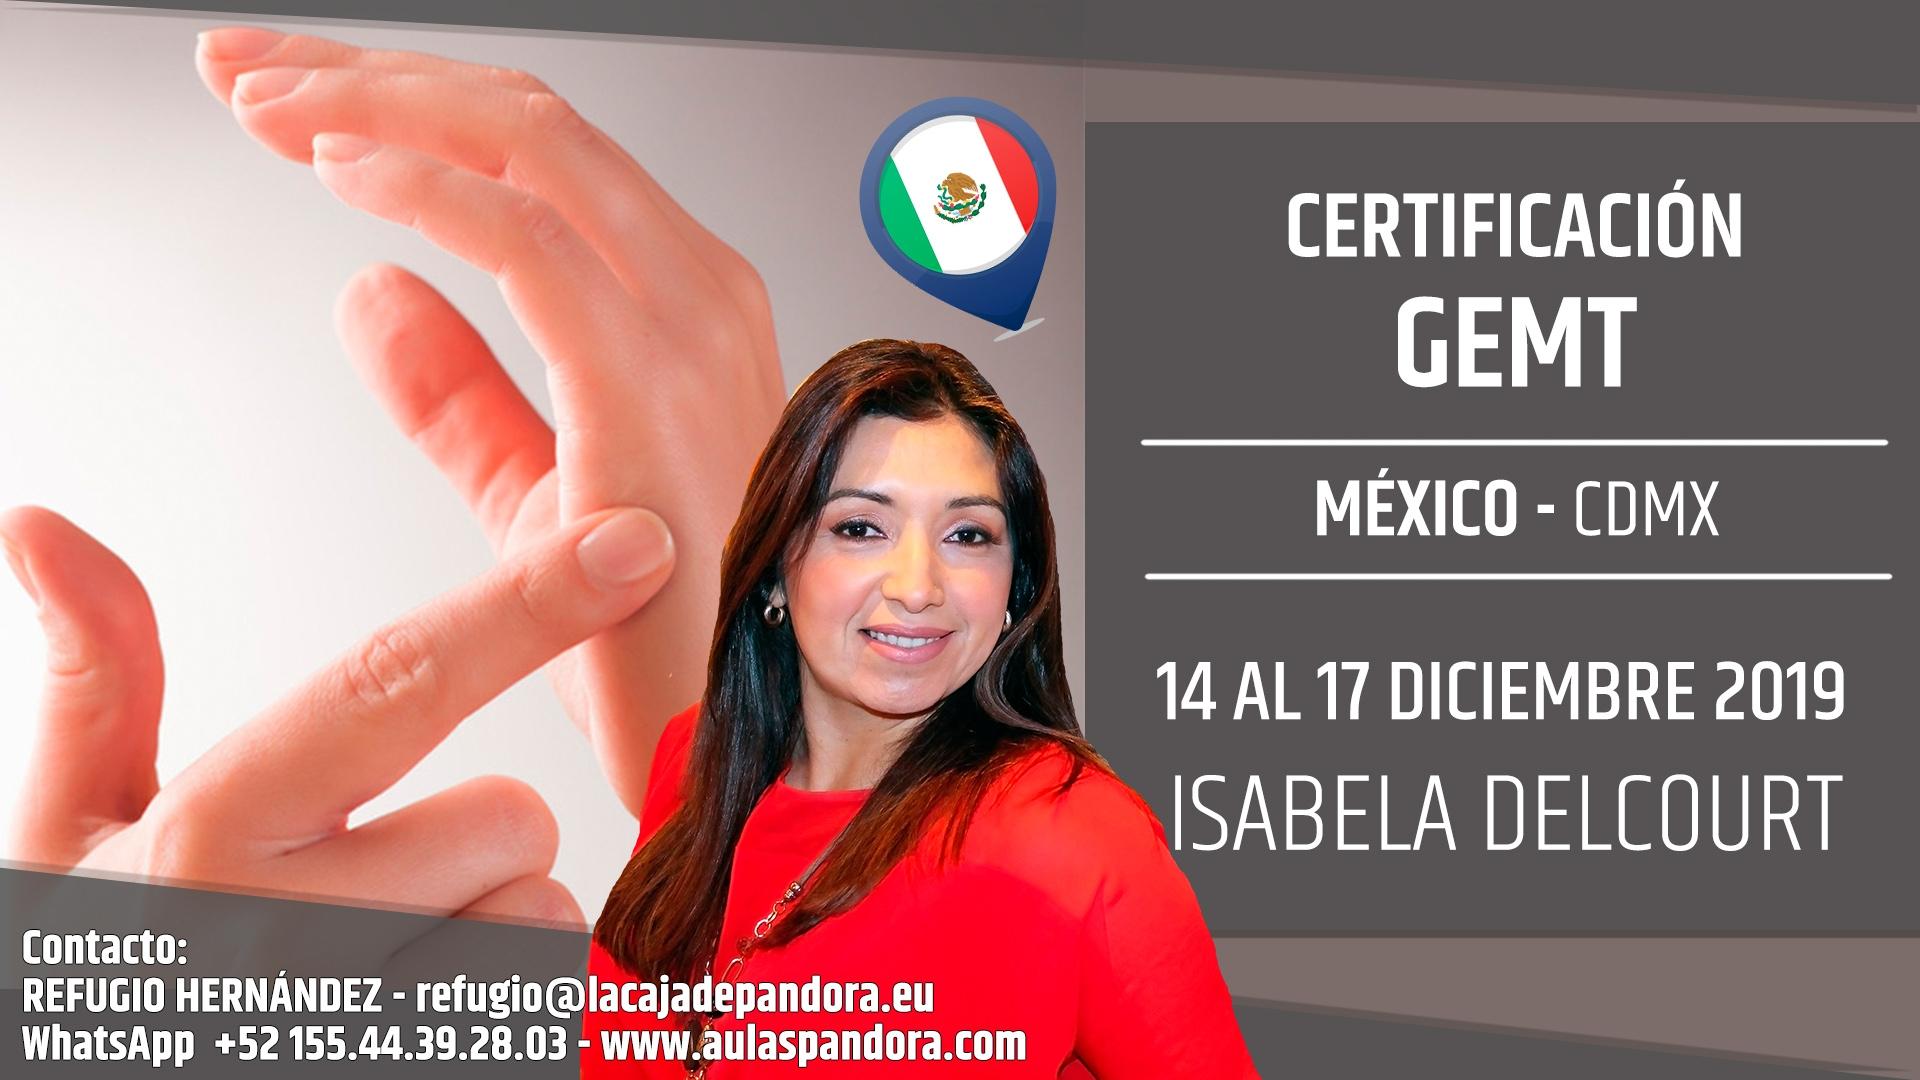 Del 14 al 17 Diciembre 2019 ( México, CDMX ) - RESERVA - Certificación: GEMT, con Isabela Delcourt